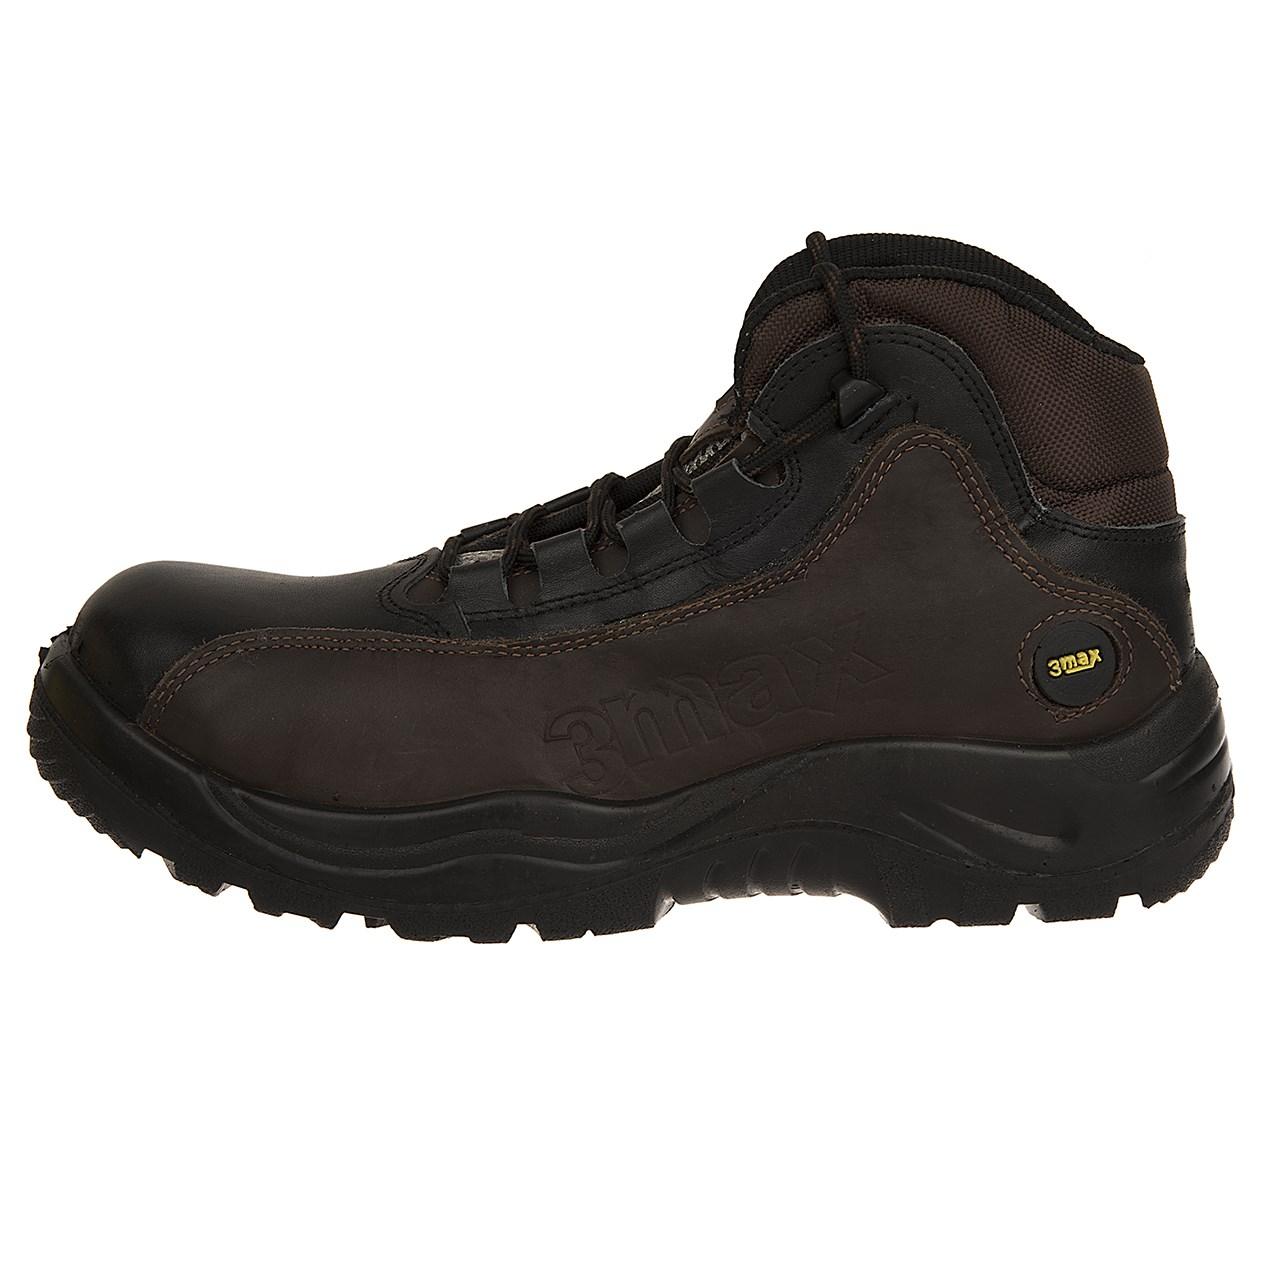 کفش ایمنی 3 مکس